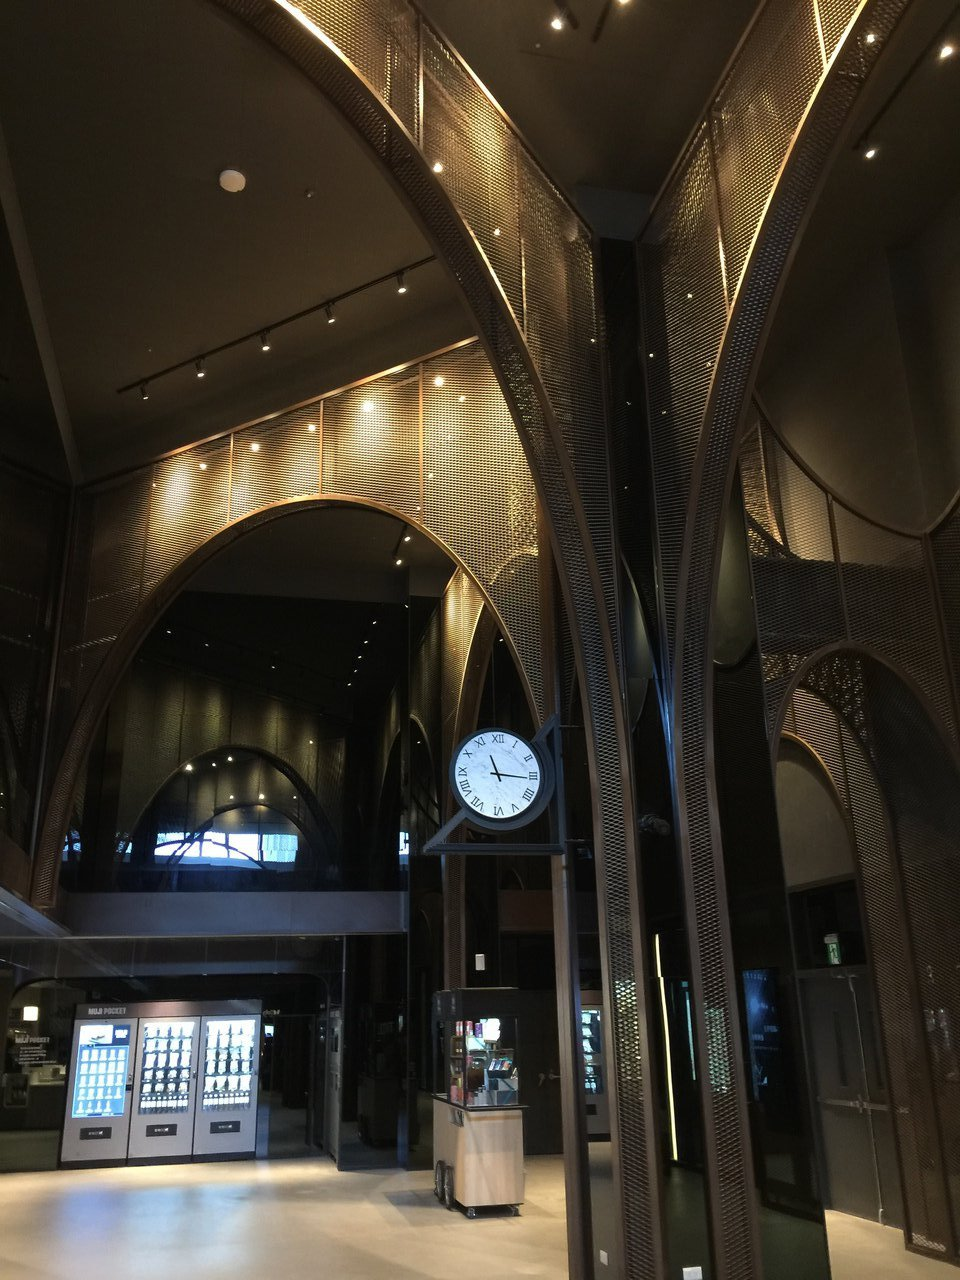 桃園新光影城3樓大廳設計成類似火車站月台的外觀。記者蘇詠智/攝影